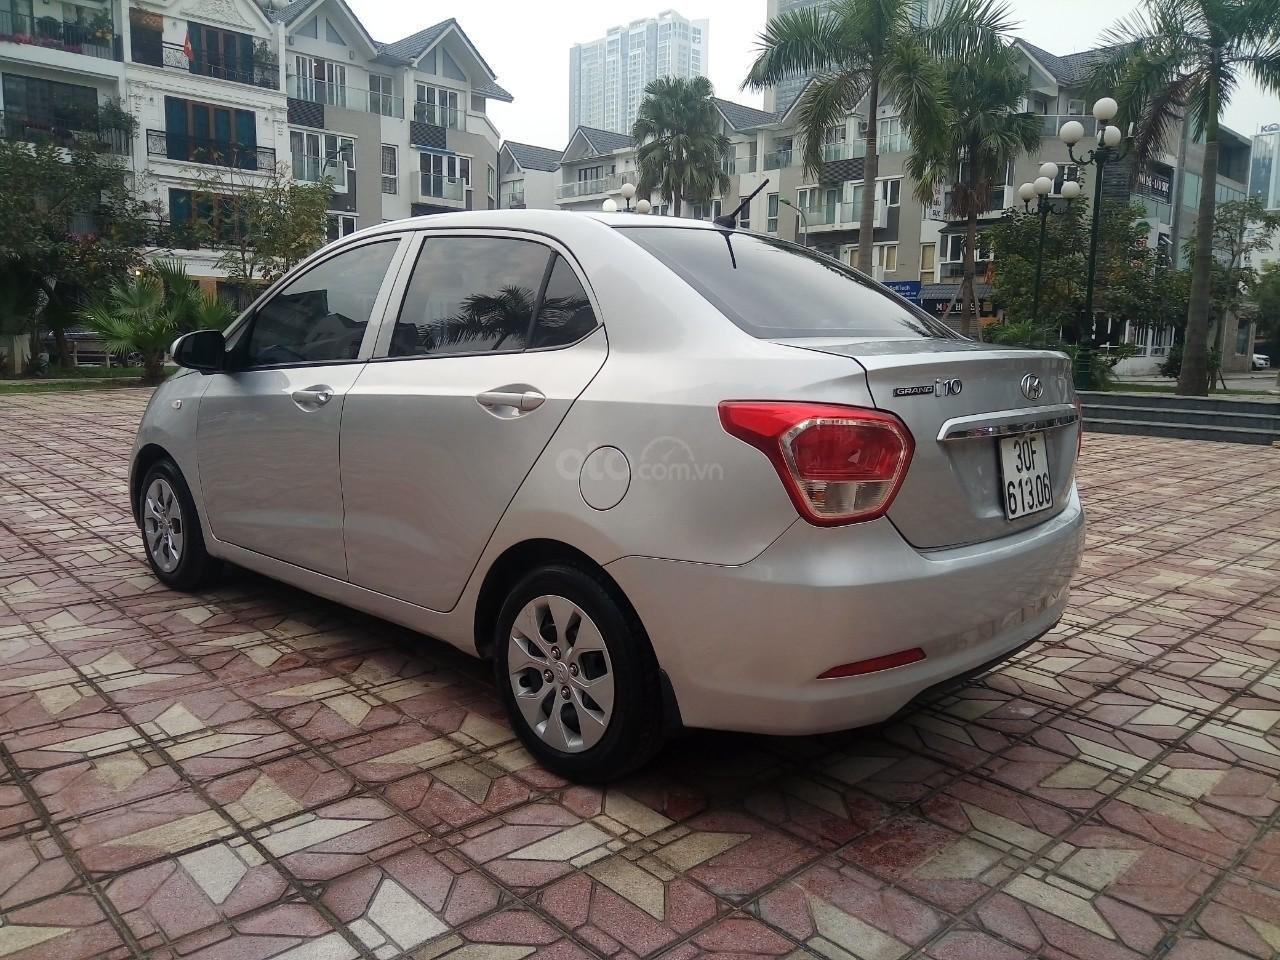 Cần bán Hyundai Grand i10 đời 2015, màu bạc, xe nhập, giá 320tr-0